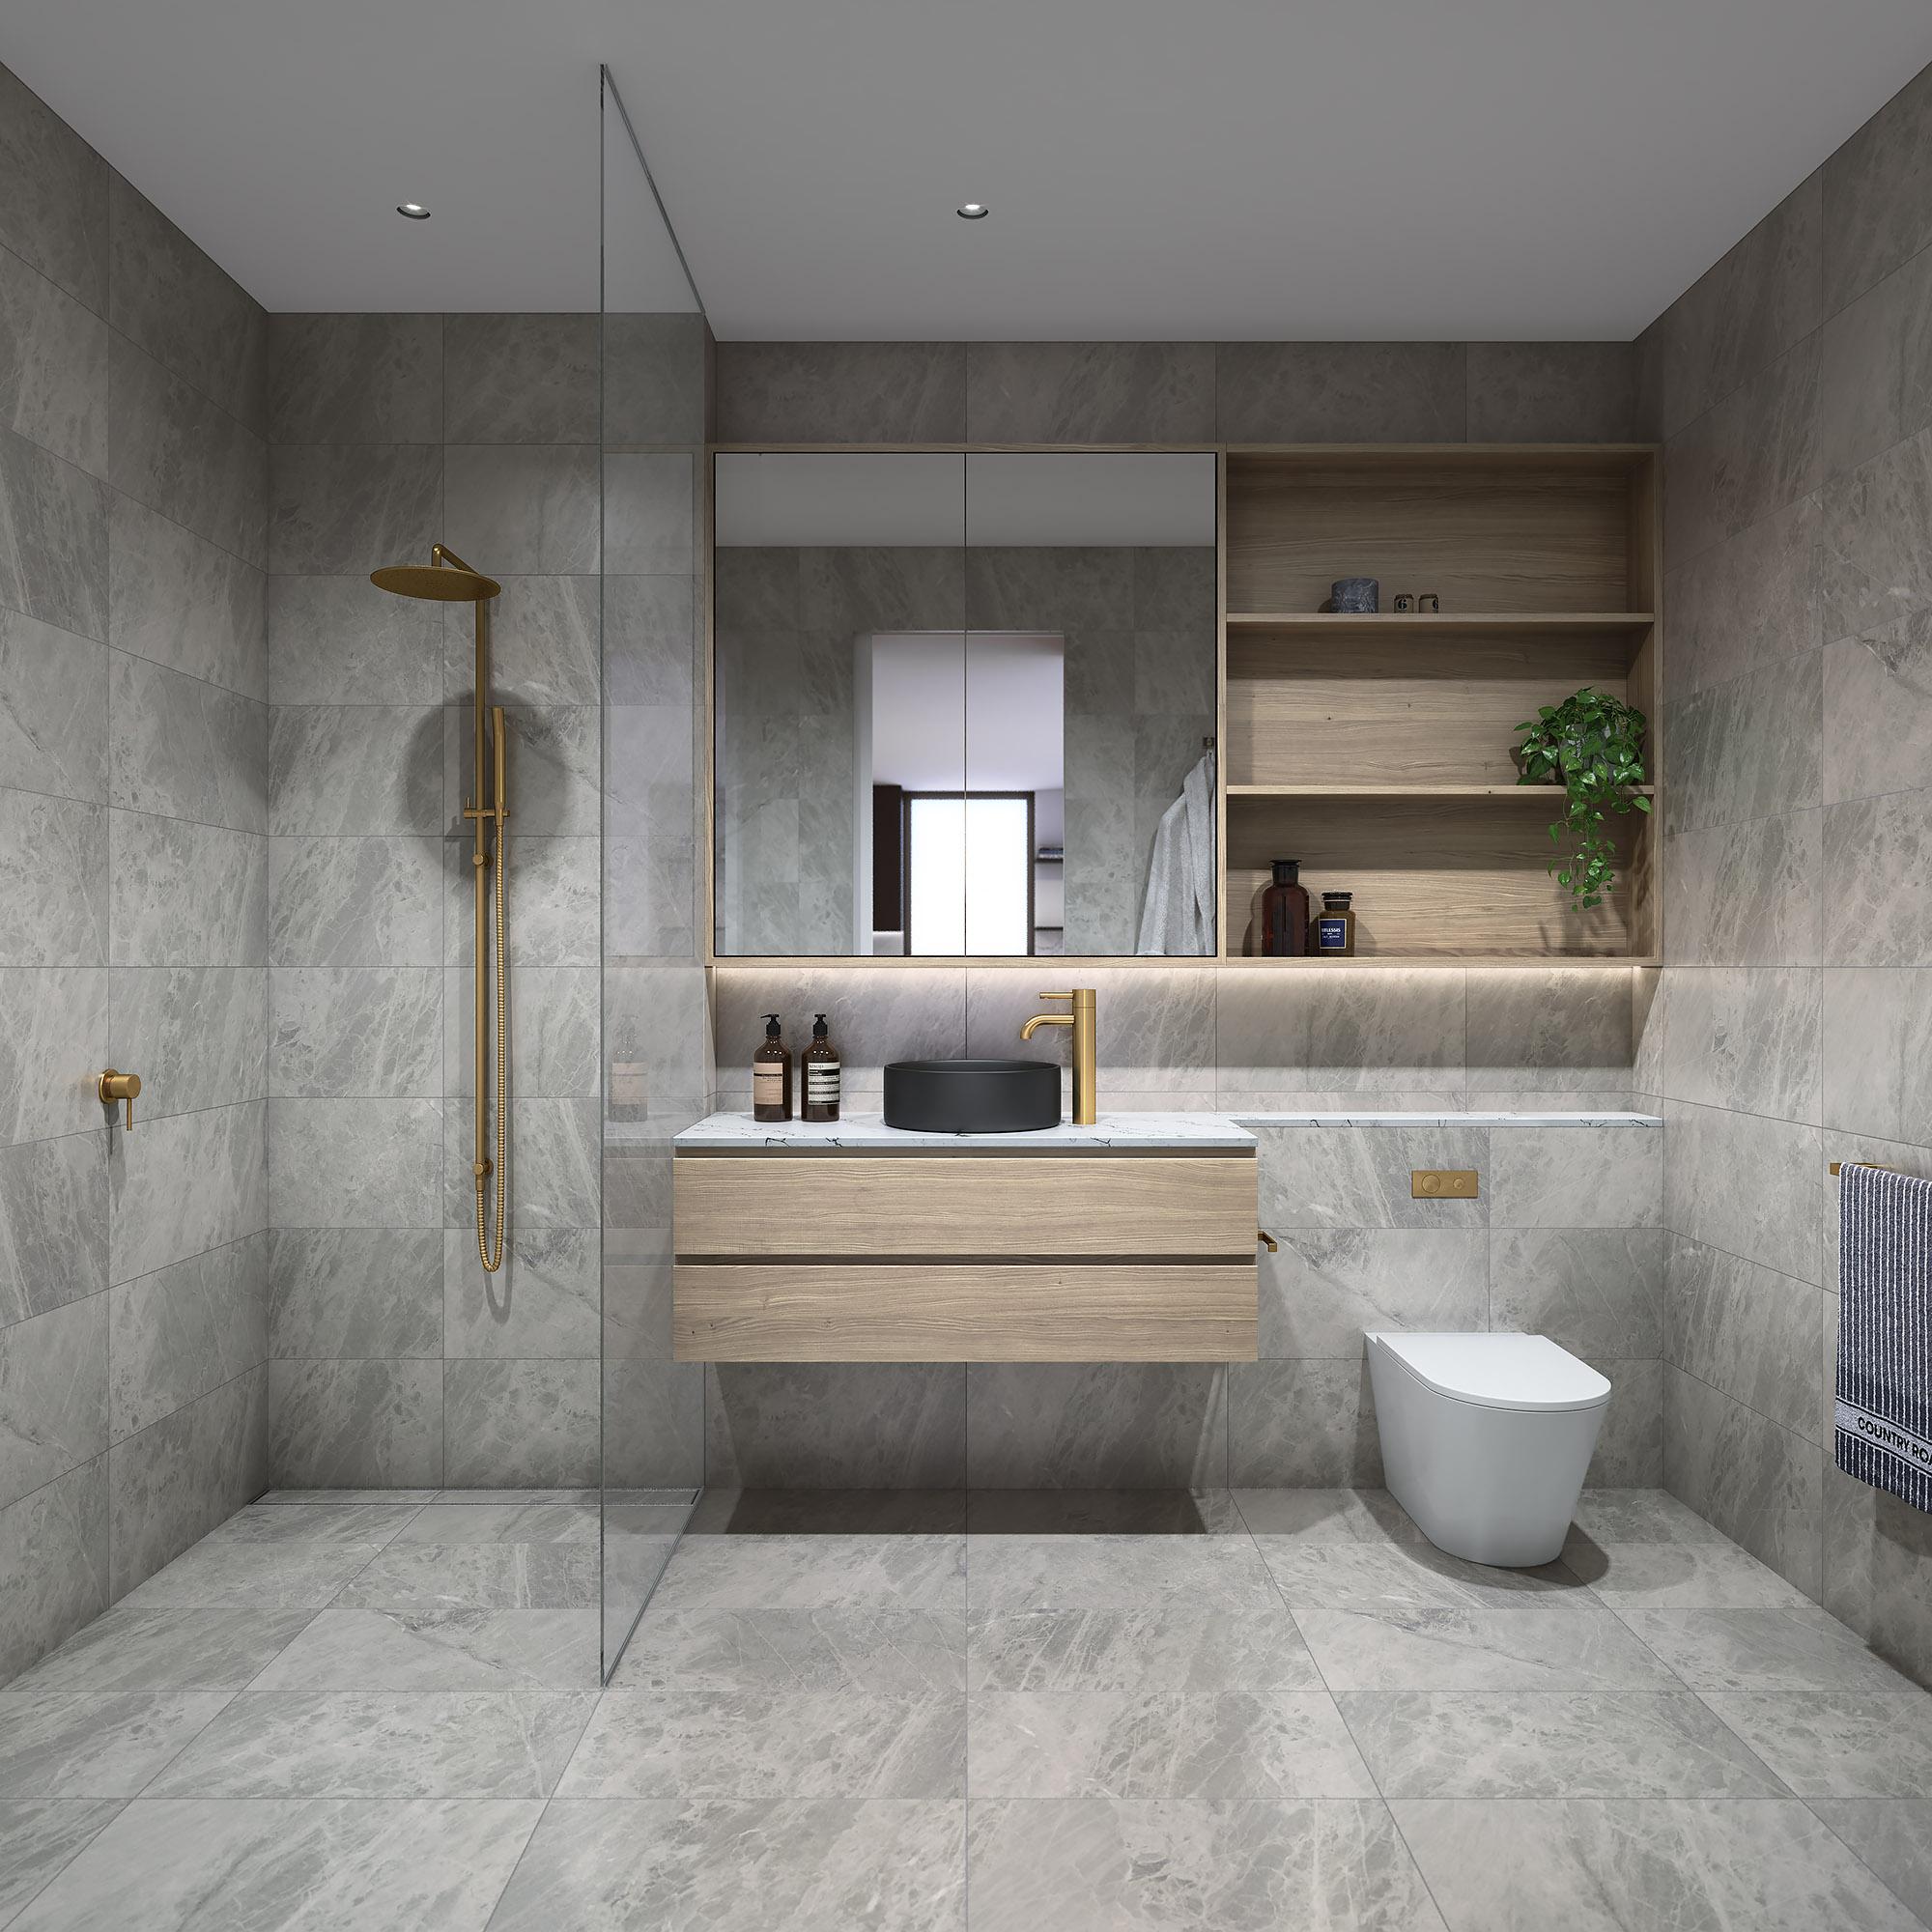 2110_INT_Bathroom_Concept2_D_(web)